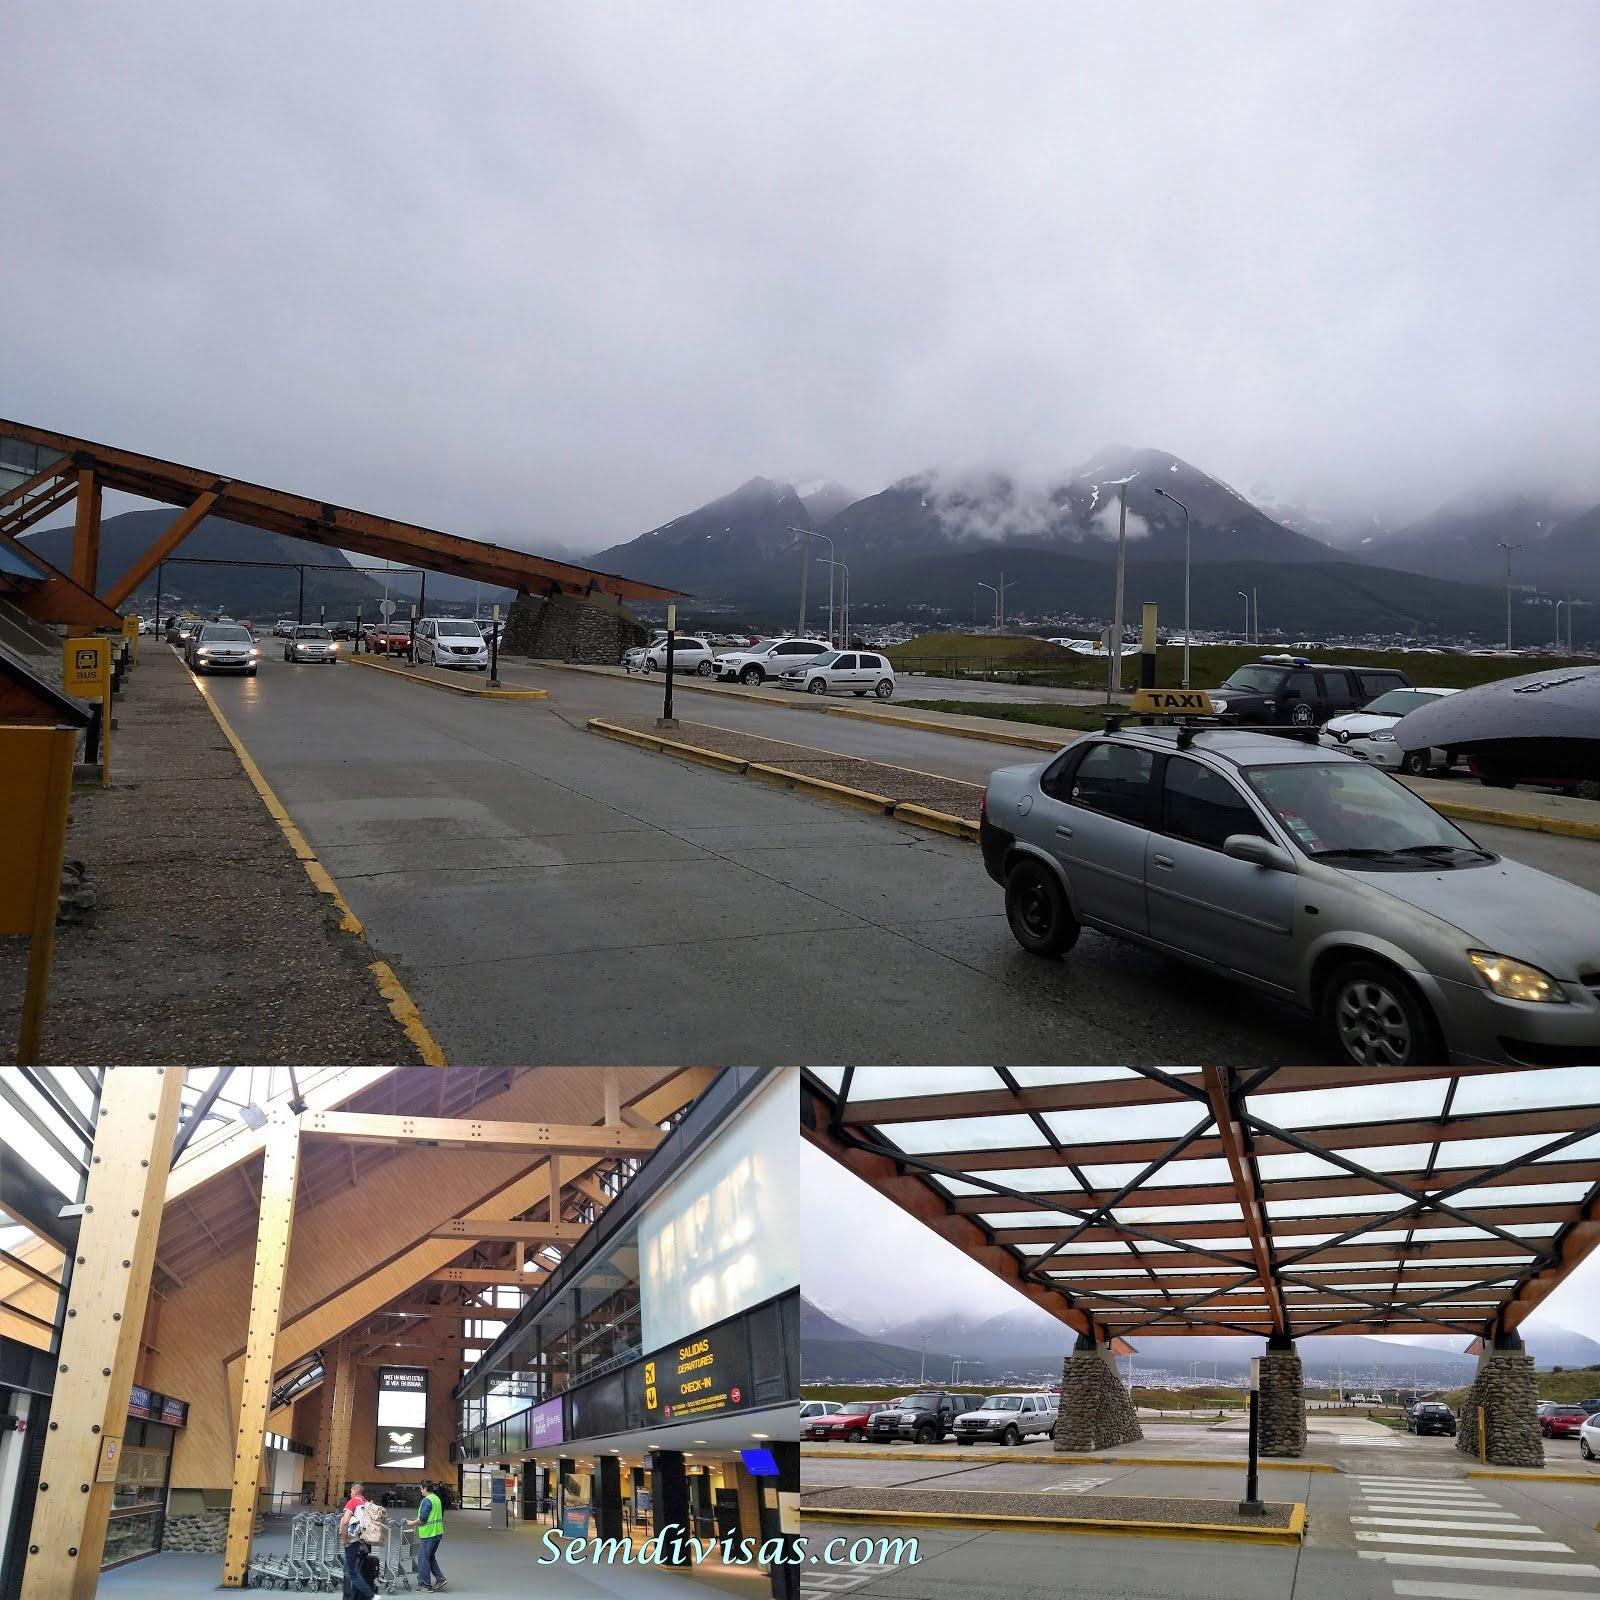 Aeroporto Ushuaia : Ushuaia patagônia argentina º dia sem divisas